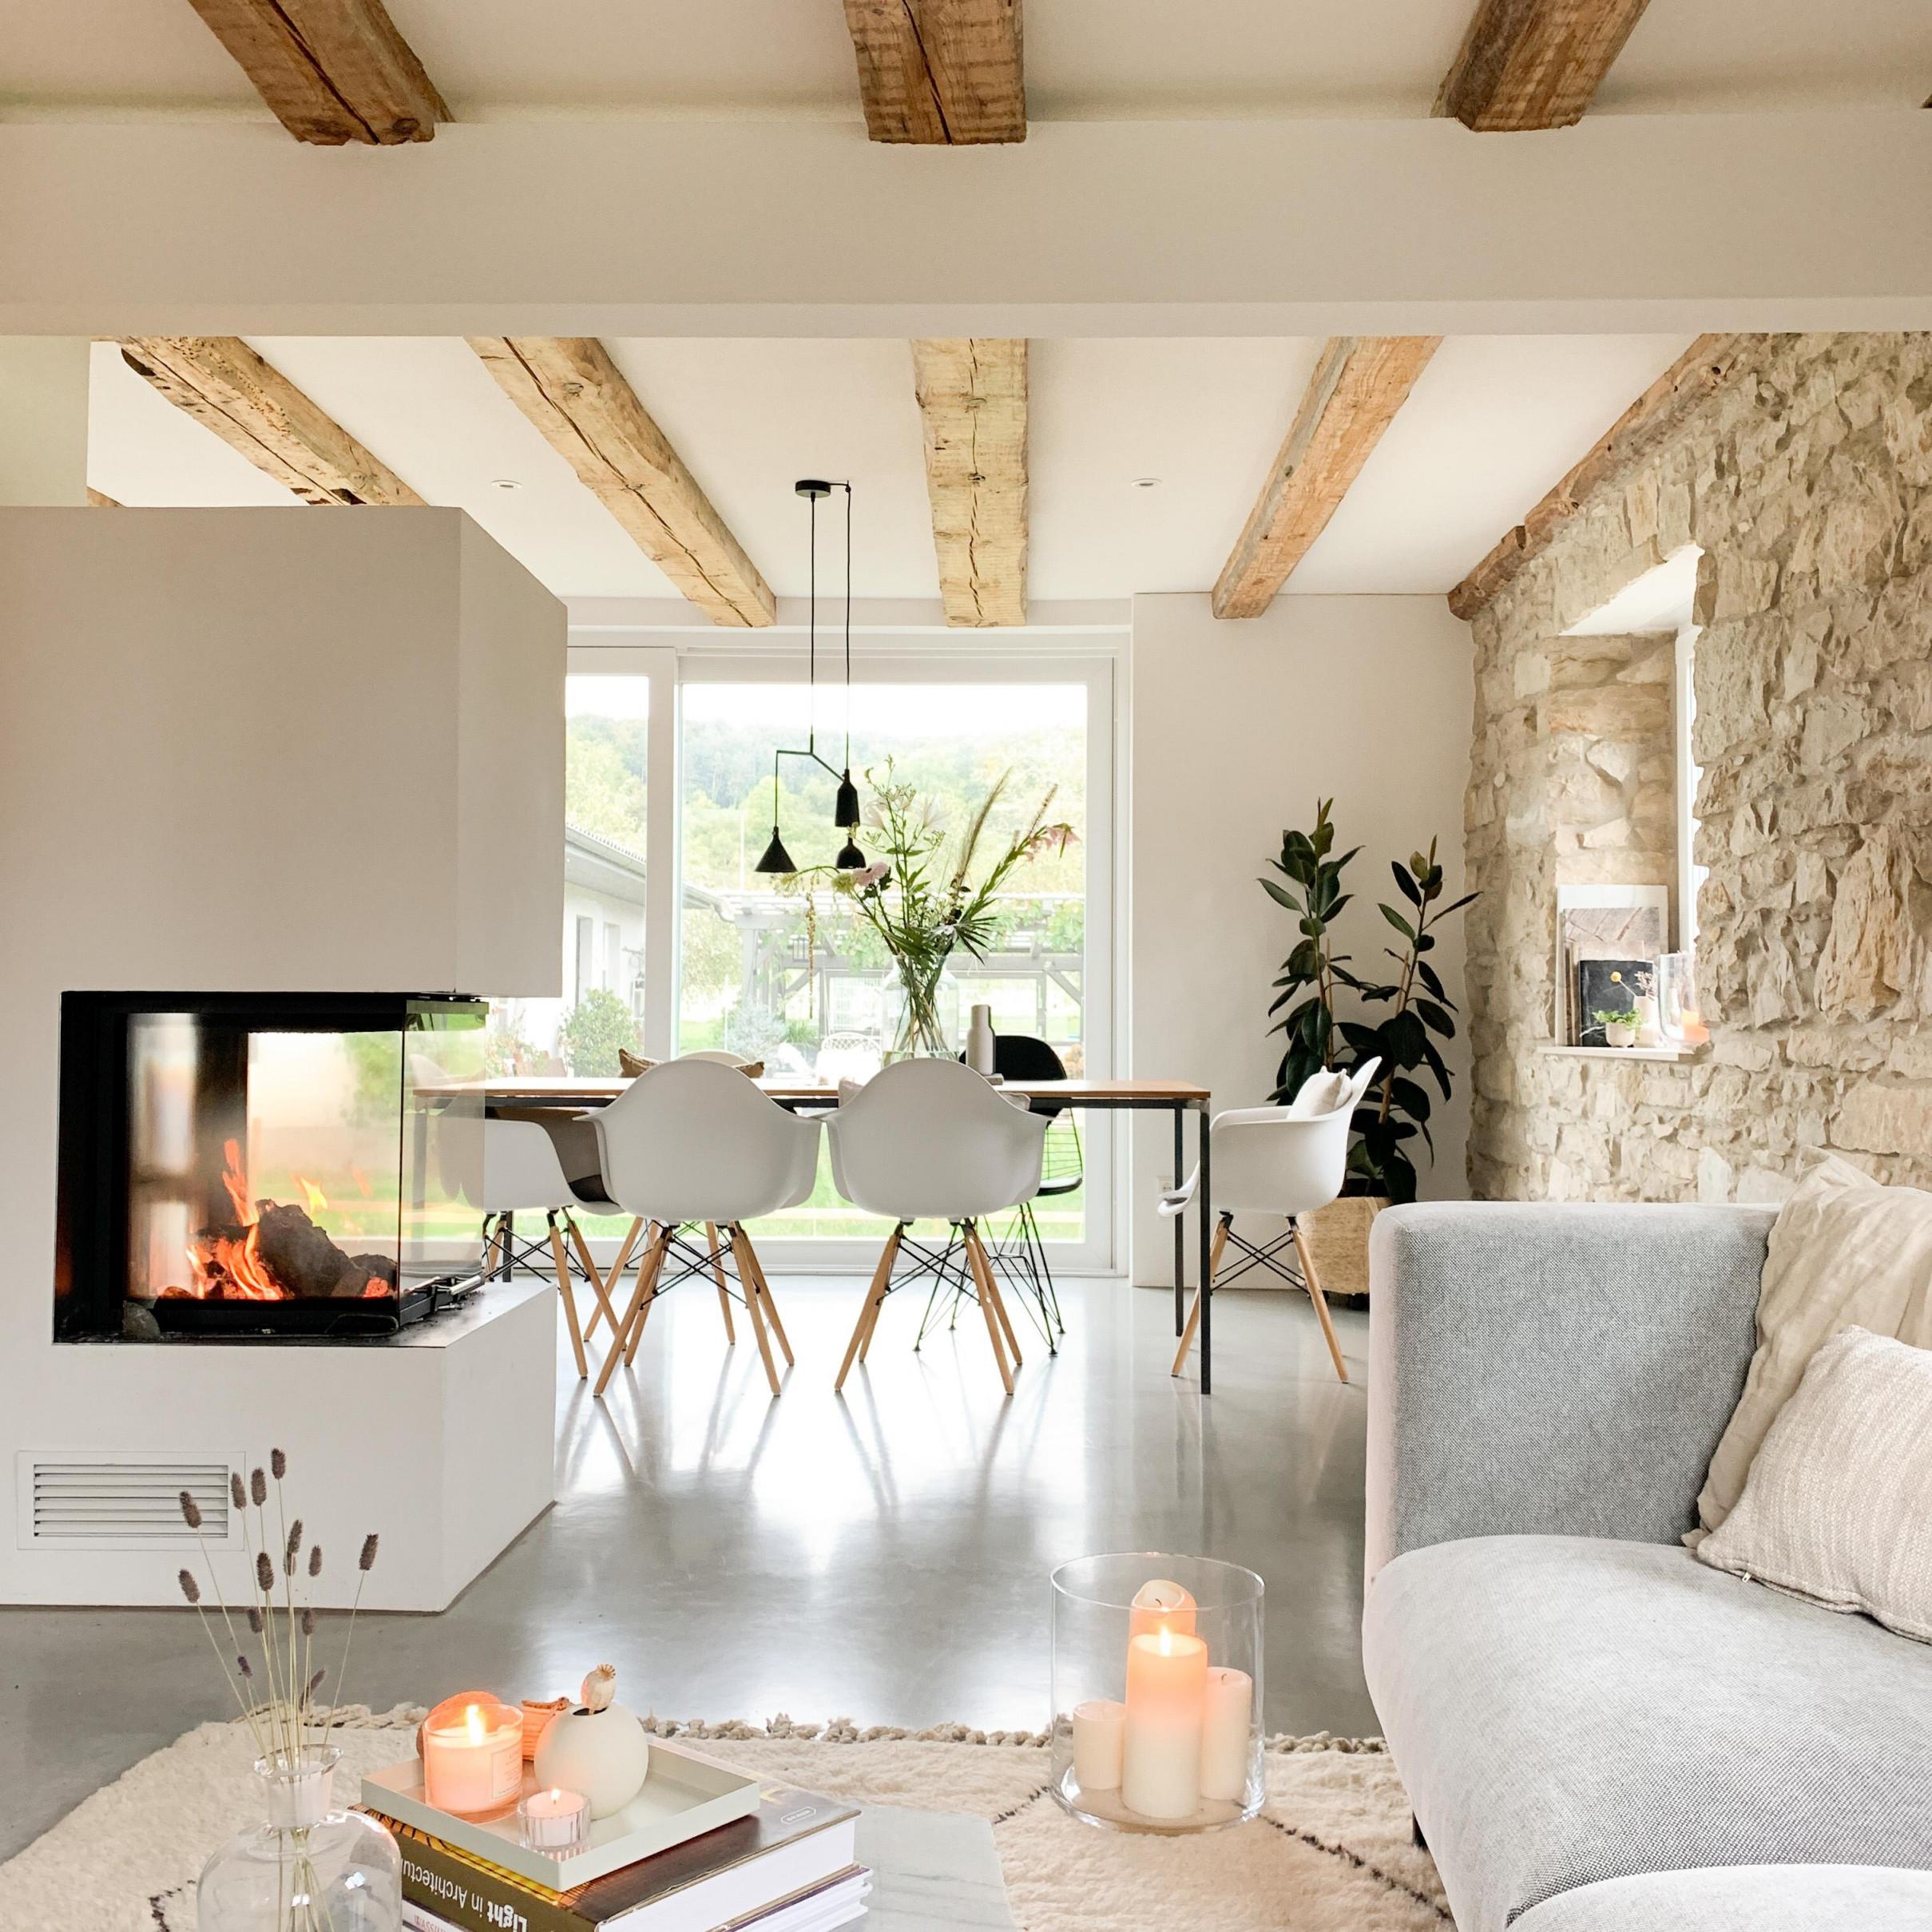 Wohnzimmer  Ideen Und Bilder Bei Couch von Wohnzimmer Ideen Bilder Photo